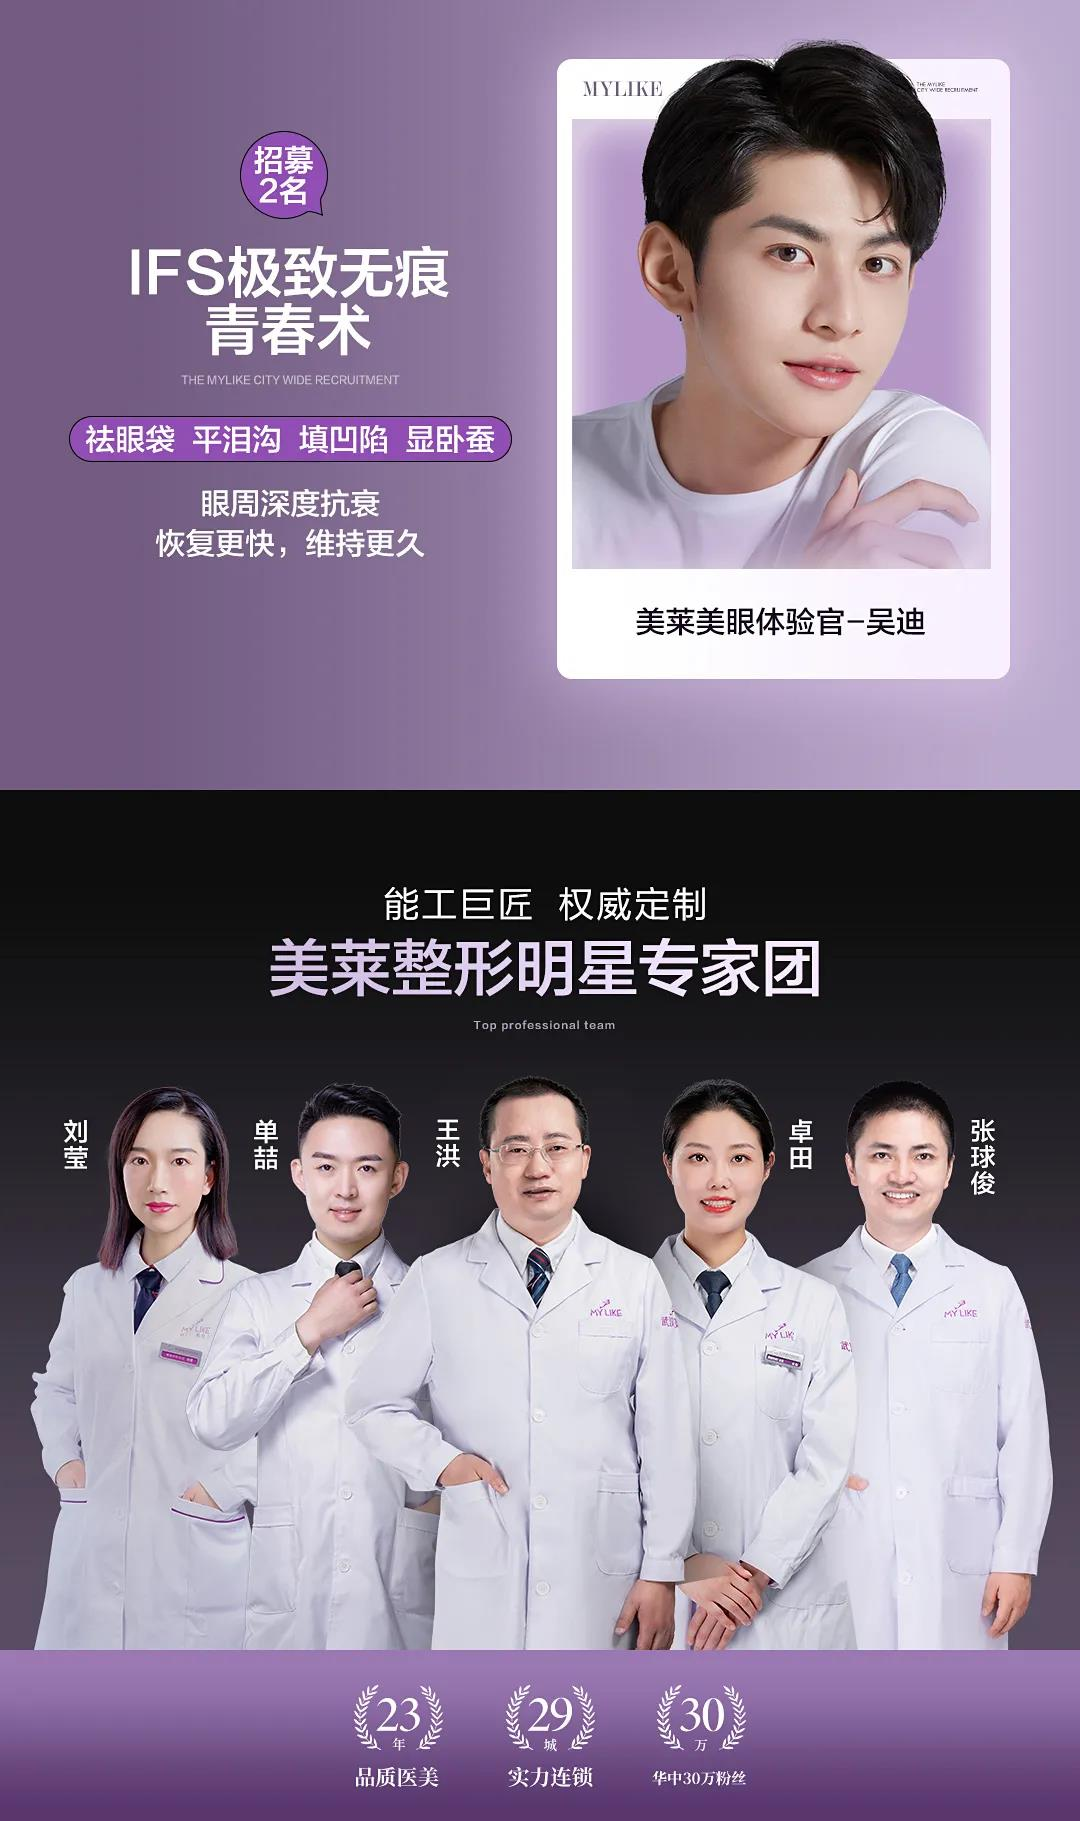 武汉美莱美容医院王洪院长4月坐诊时间表,美胸天使招募中